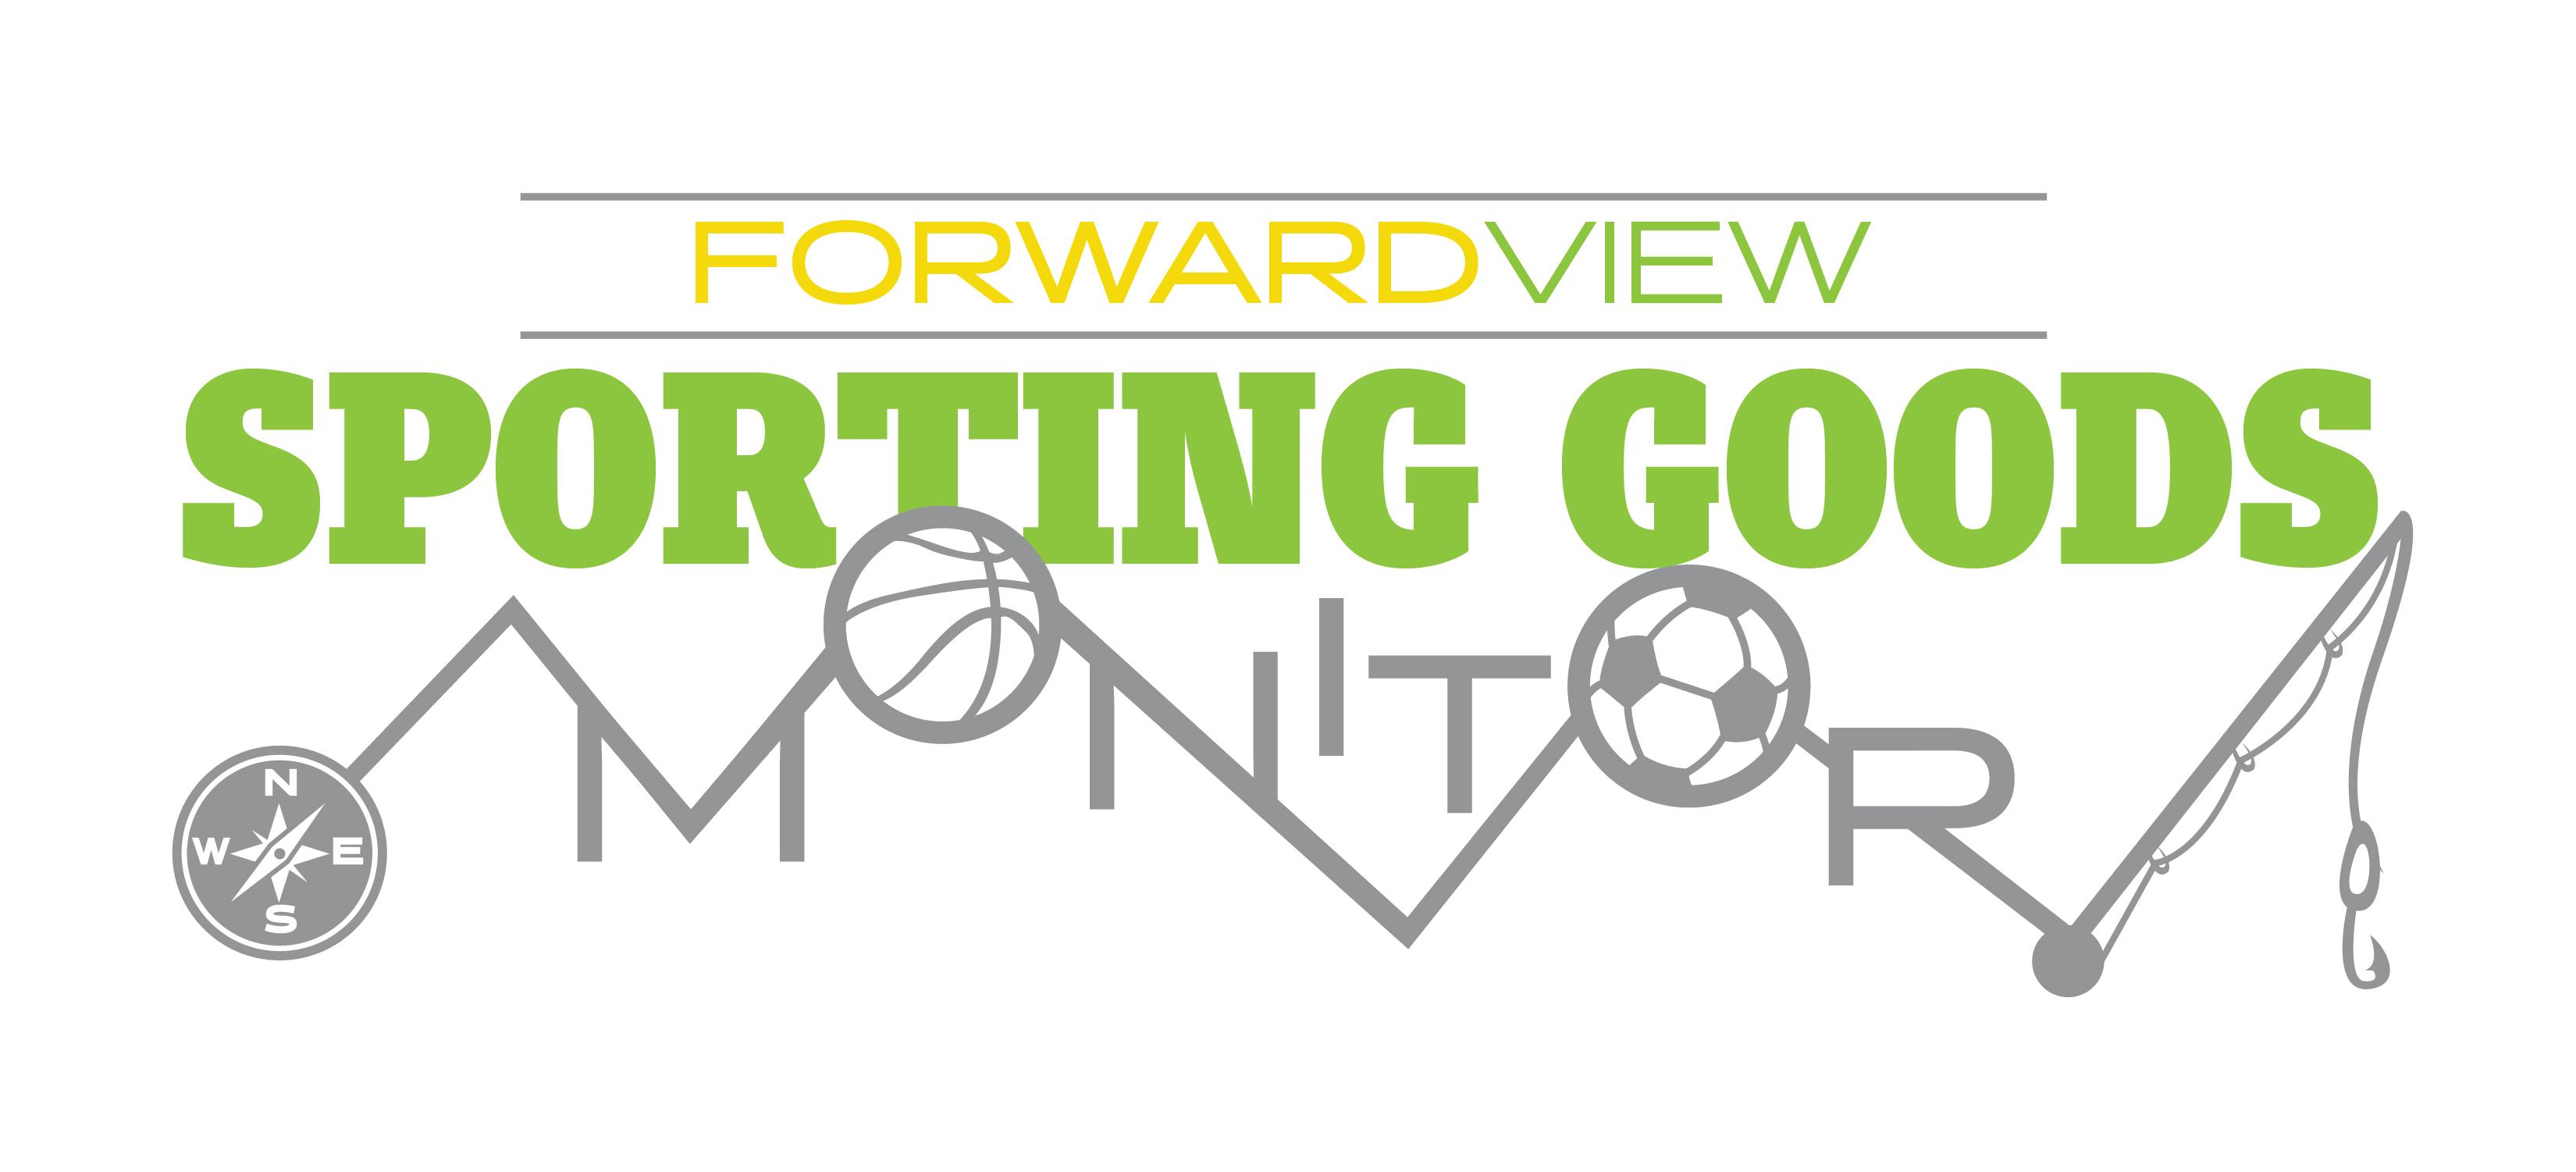 Forward View